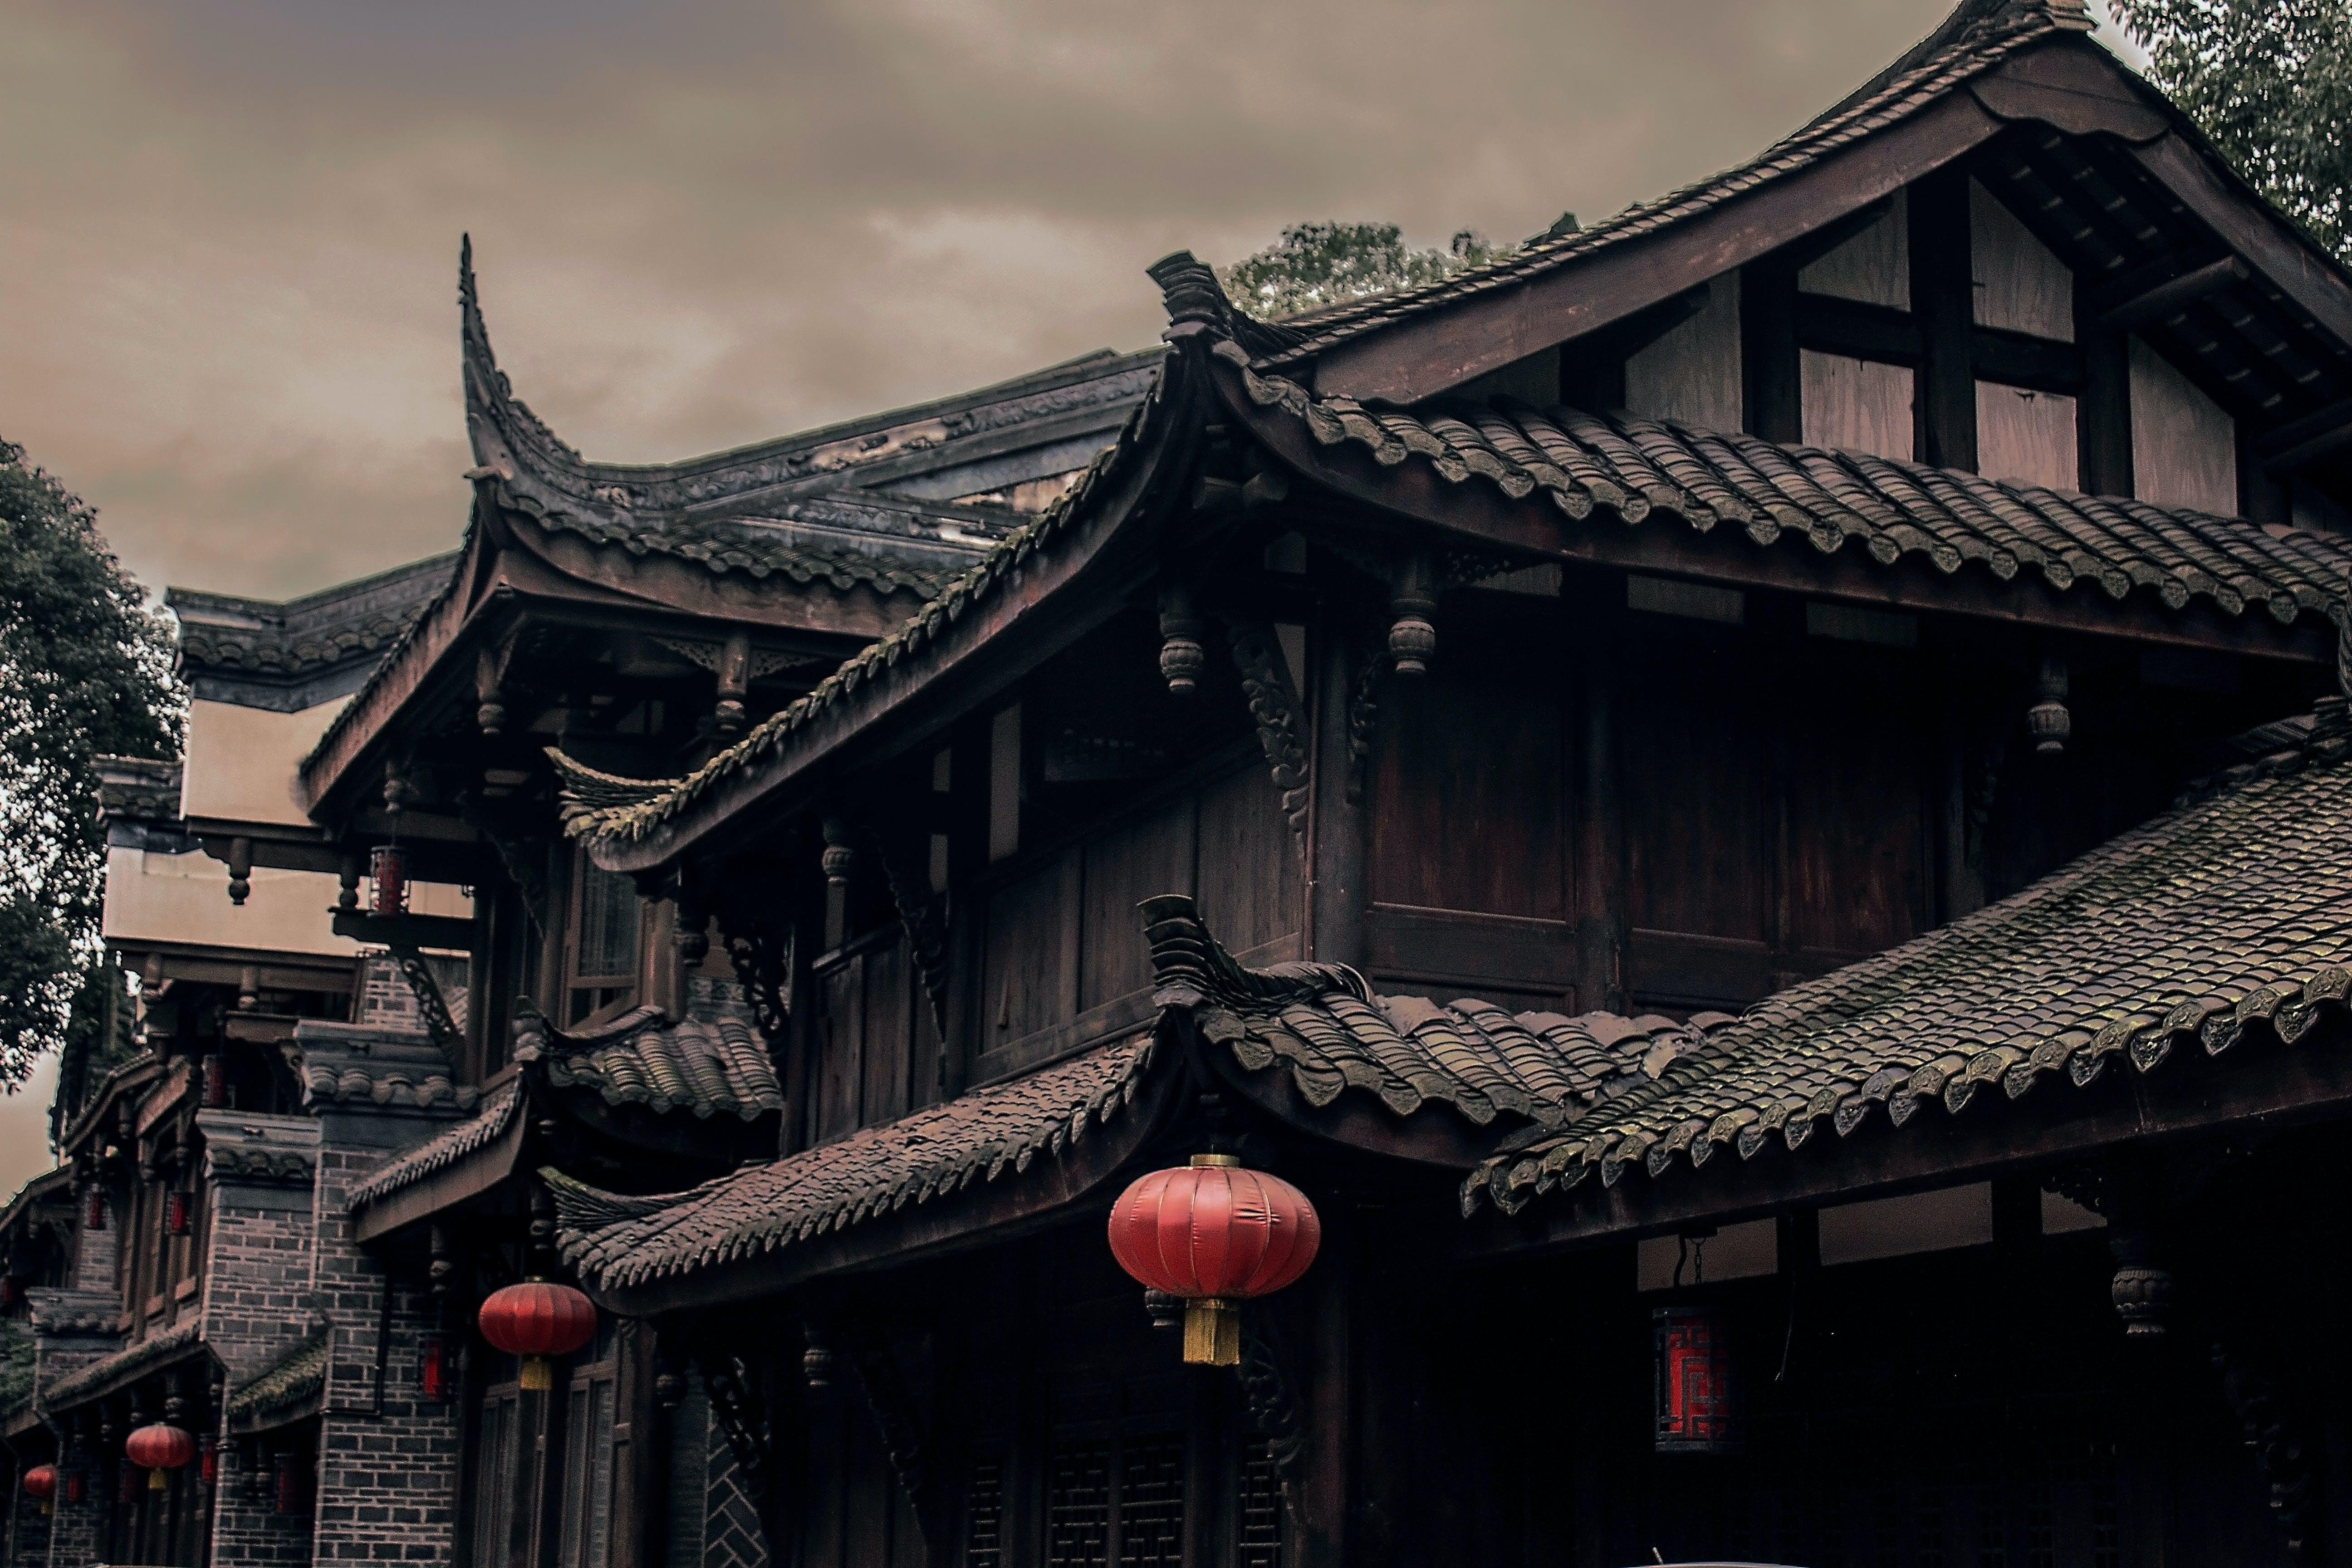 Gratis stockfoto met architectuur, Azië, buitenkant, chinese architectuur